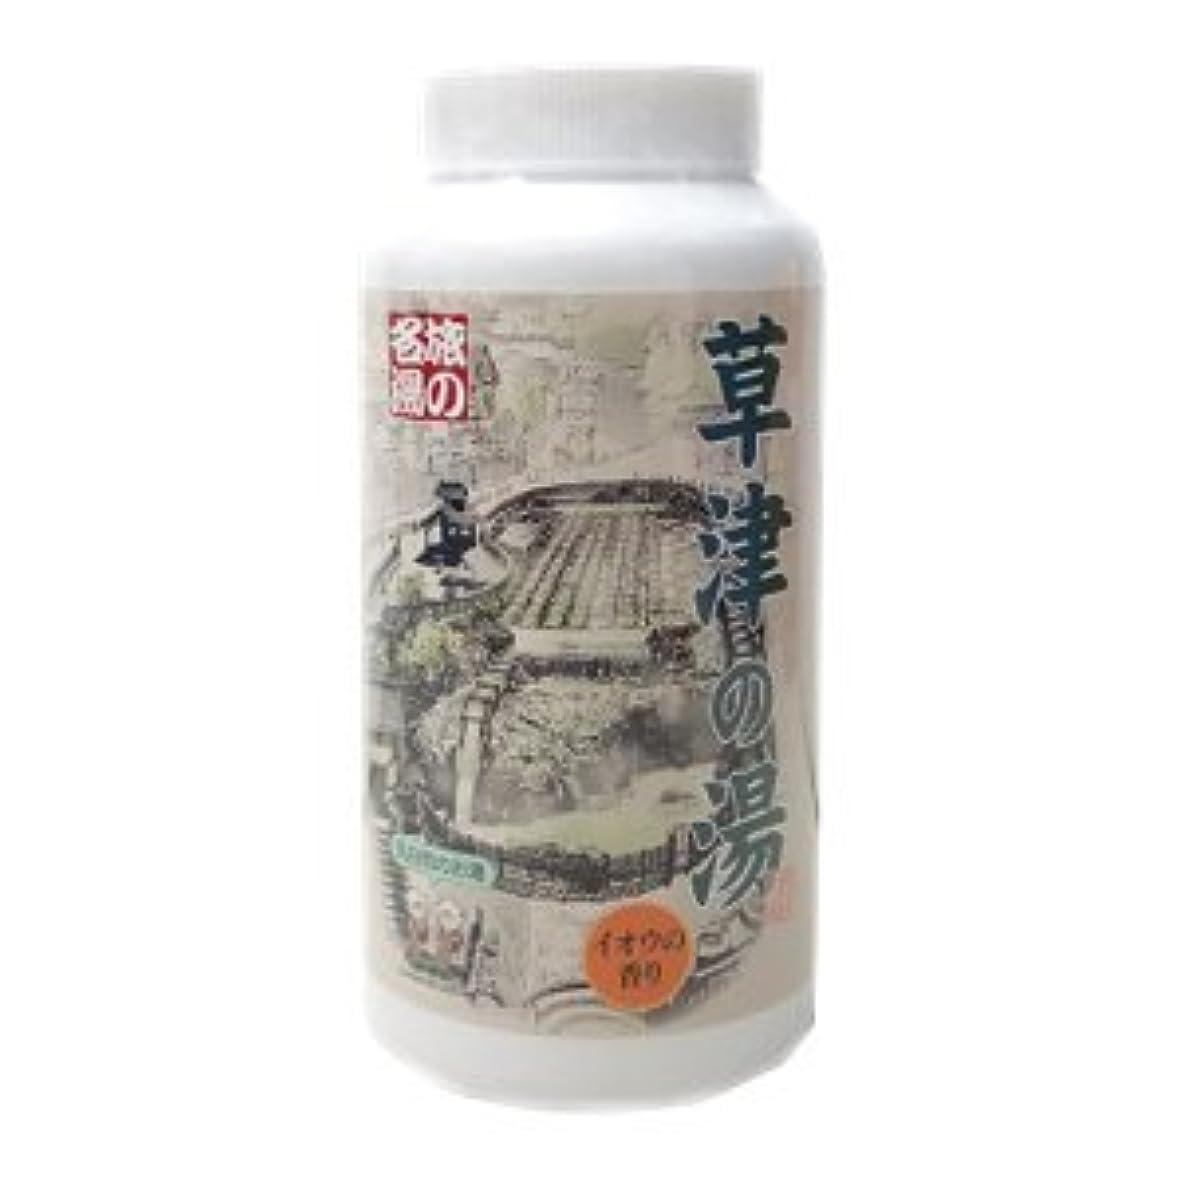 ペネロペなだめる確保する草津の湯入浴剤 『イオウの香り』 乳白色のお湯 500g 20回分